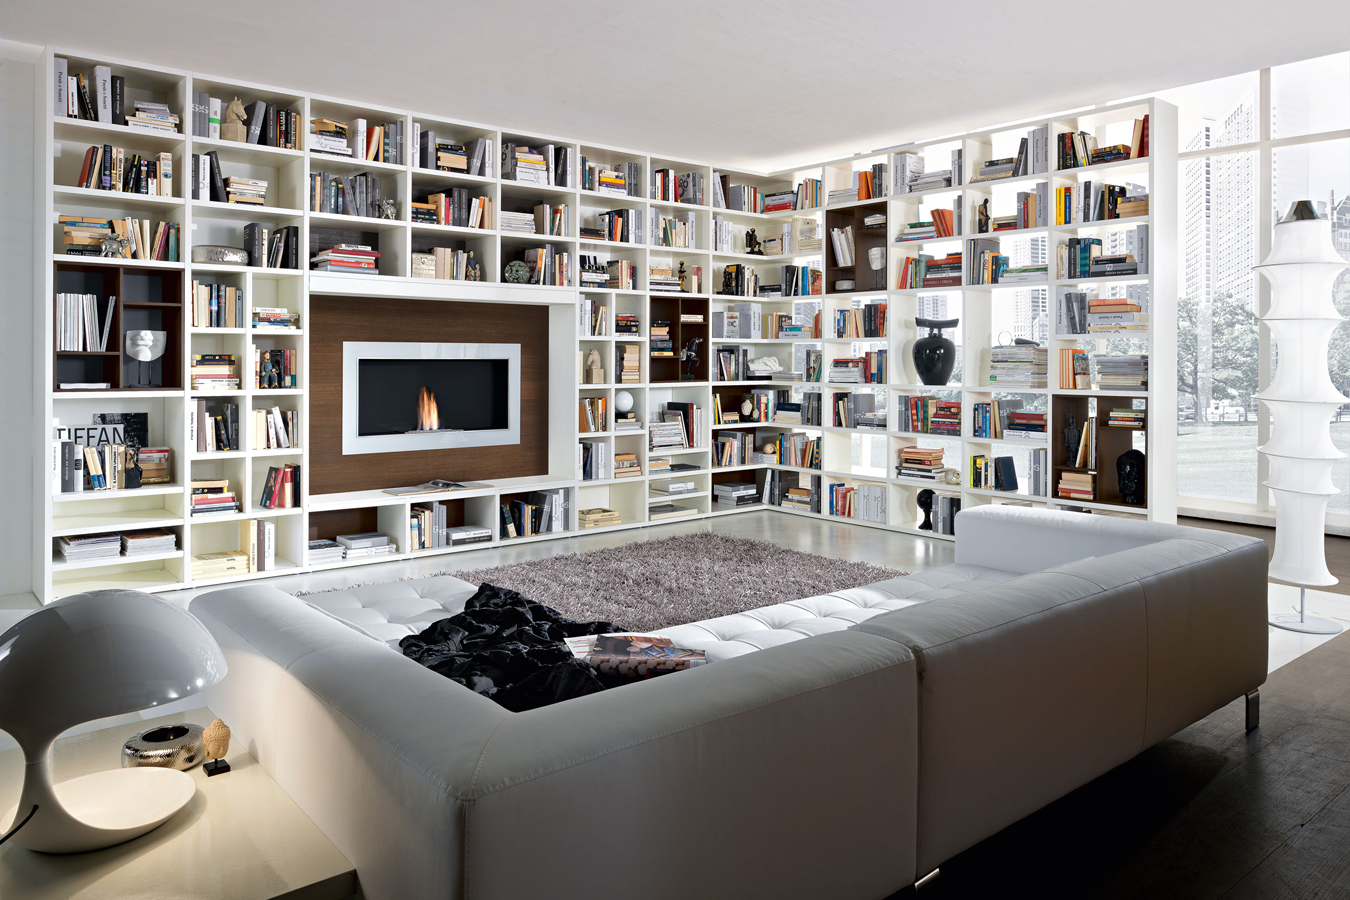 Kiko Arredamenti Soggiorno Libreria Bianca Divisorio Evelin Sozzi Gestioni Immobiliari